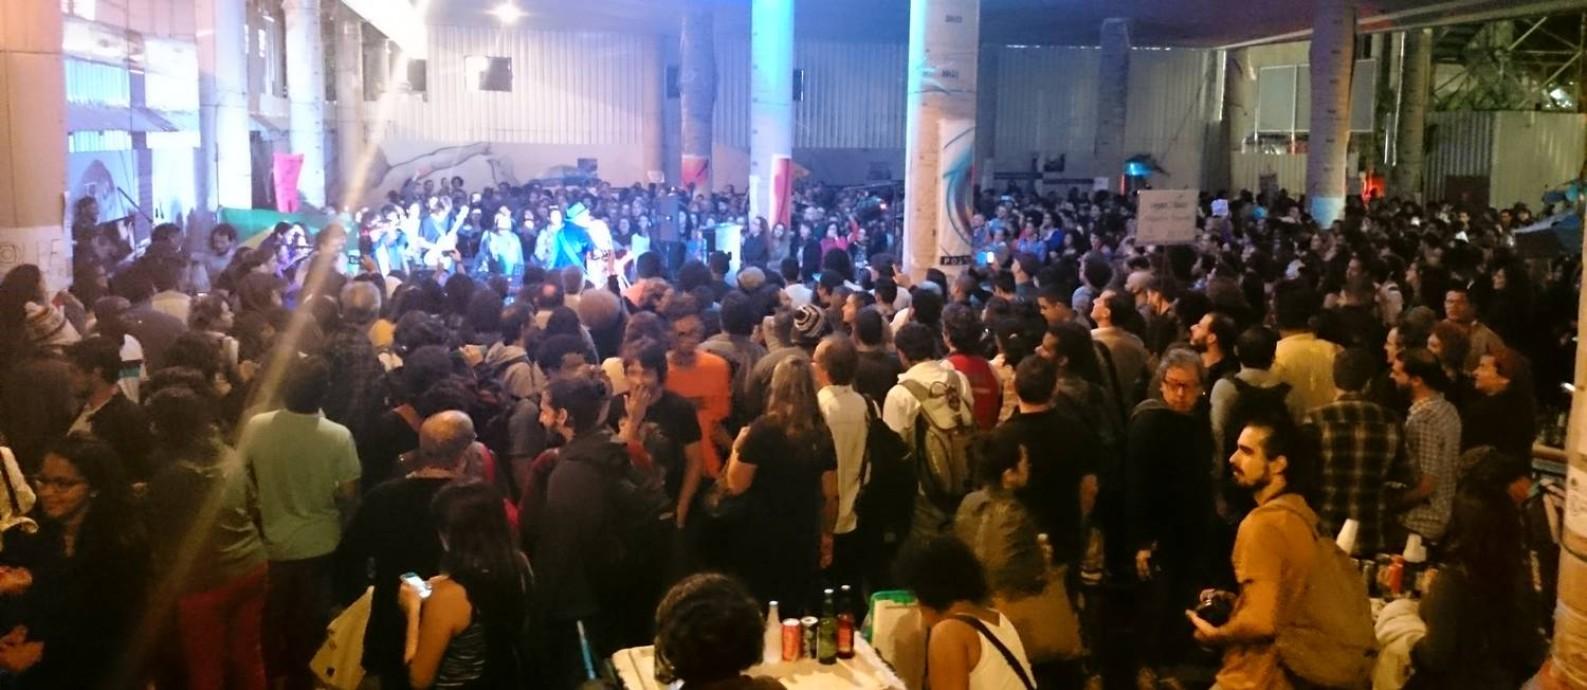 Ocupação do Palácio Capanema Foto: Aline Macedo / Agência O Globo